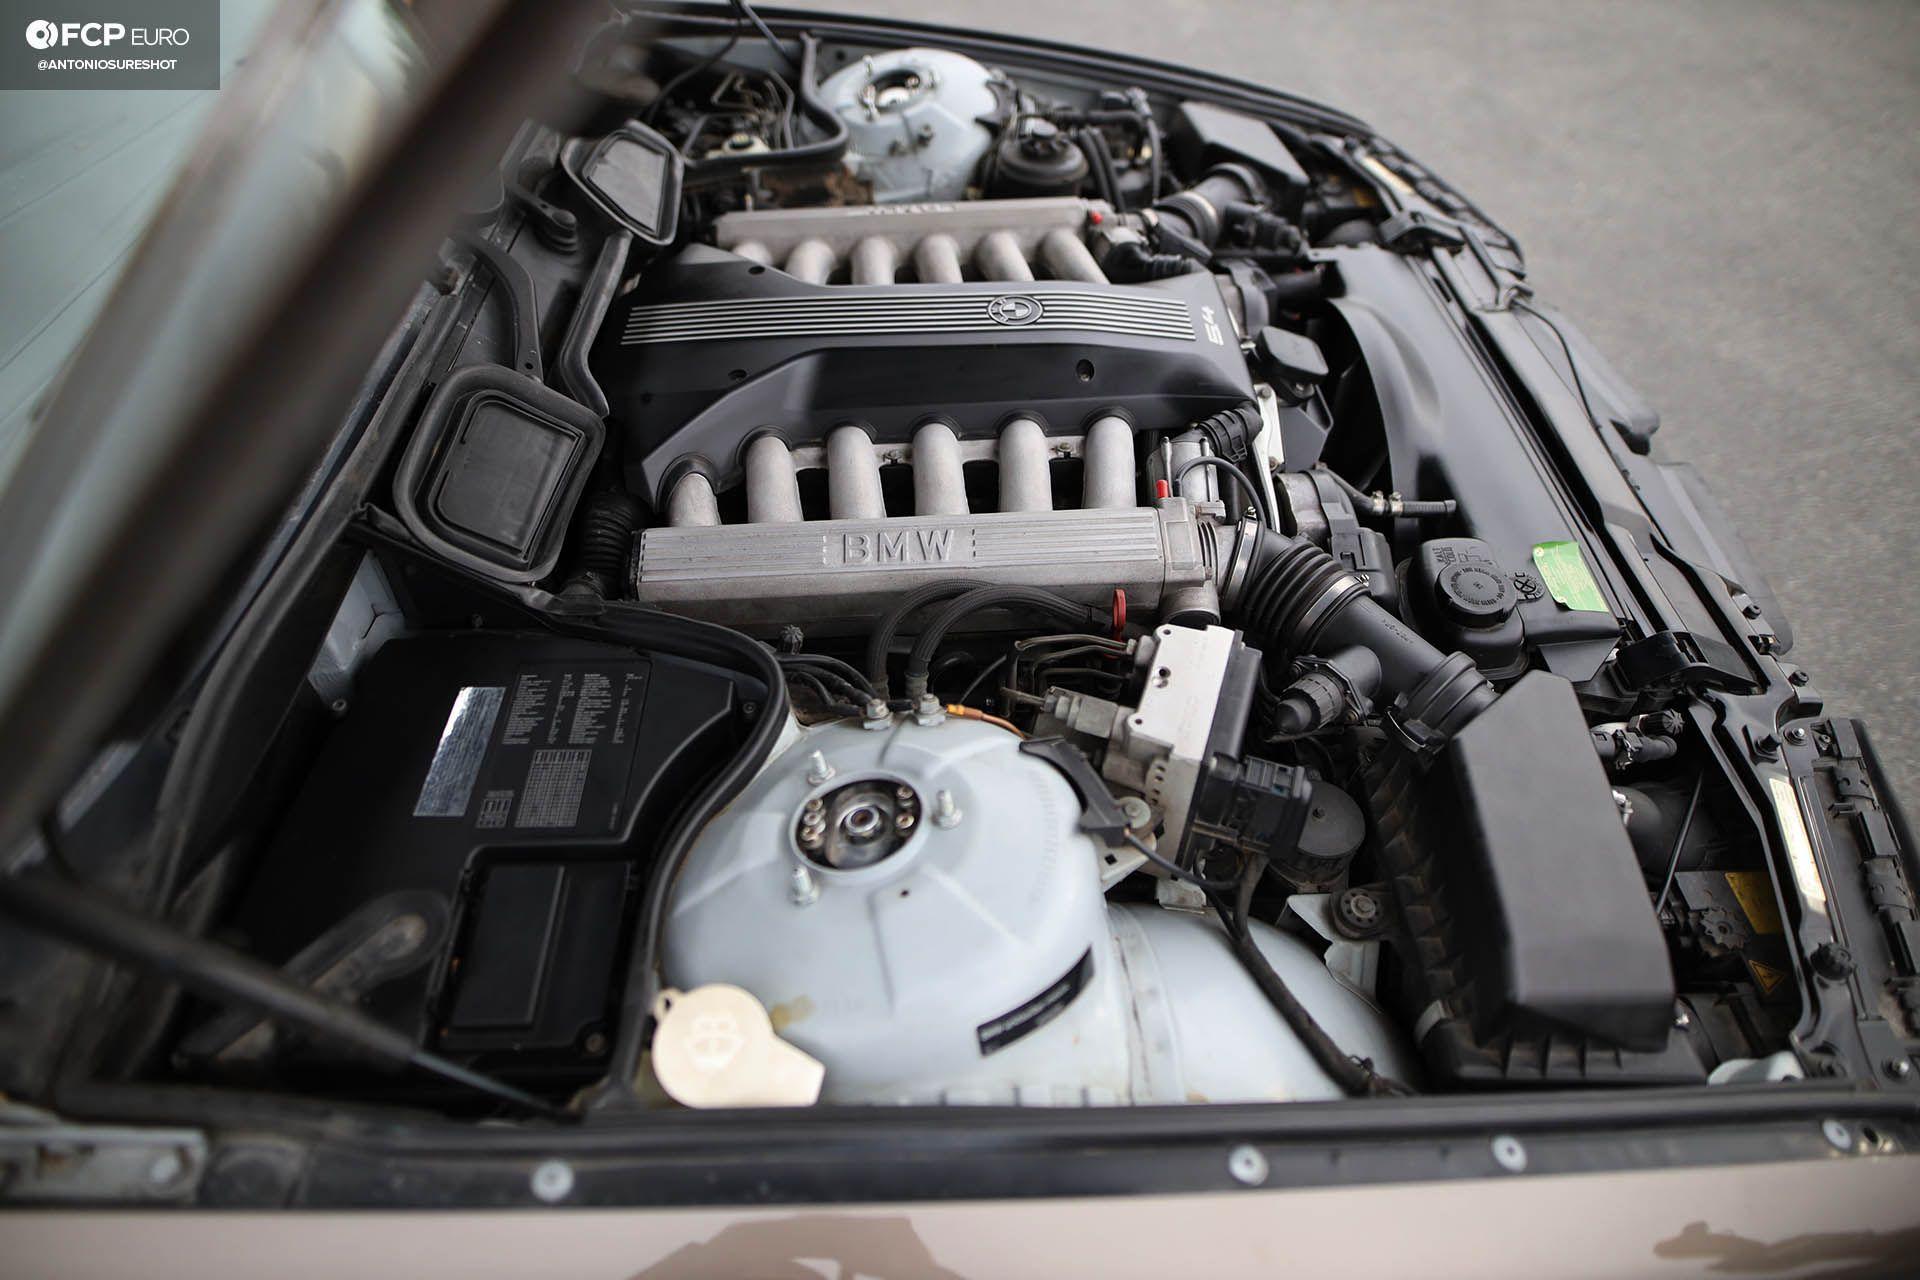 ac schnitzer e38 euro vip bmw 750il nineties nostalgia bmw luxury sedan vip pinterest